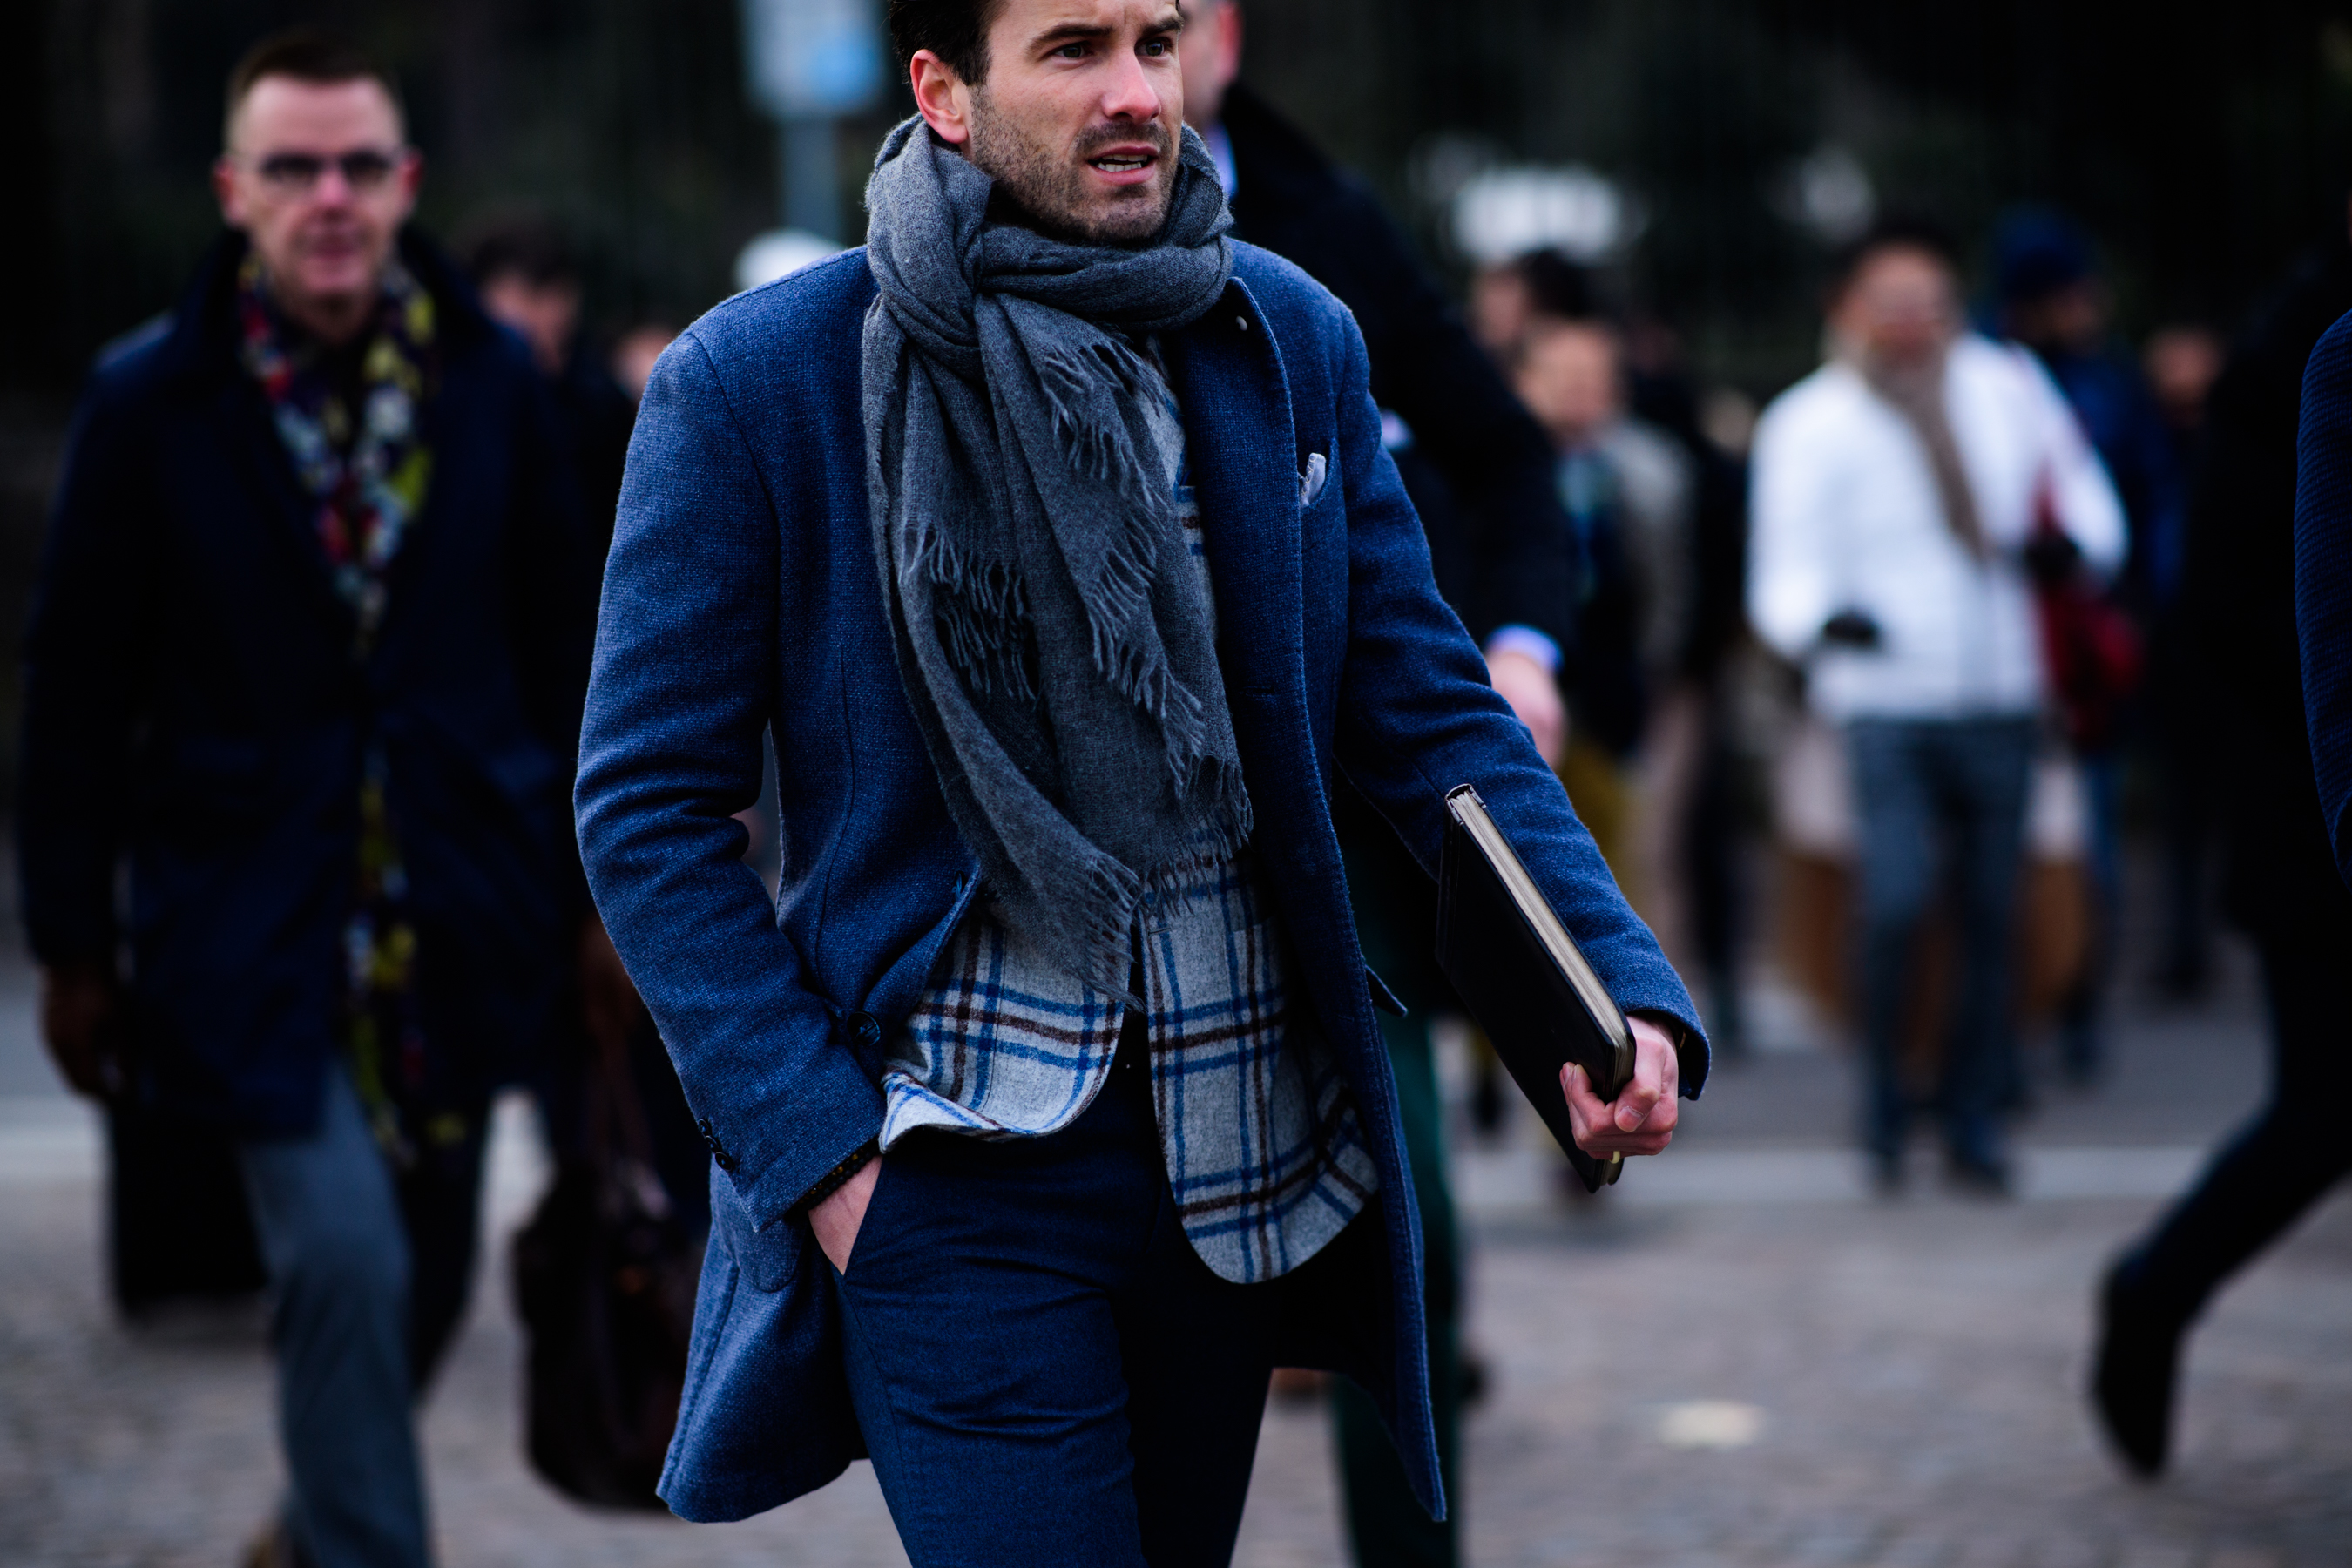 Pitti Uomo 91, street style, estilo de rua, florença, feira de moda, moda masculina, blog de moda masculina, alex cursino, menswear, dicas de moda, como ser estiloso, (14)